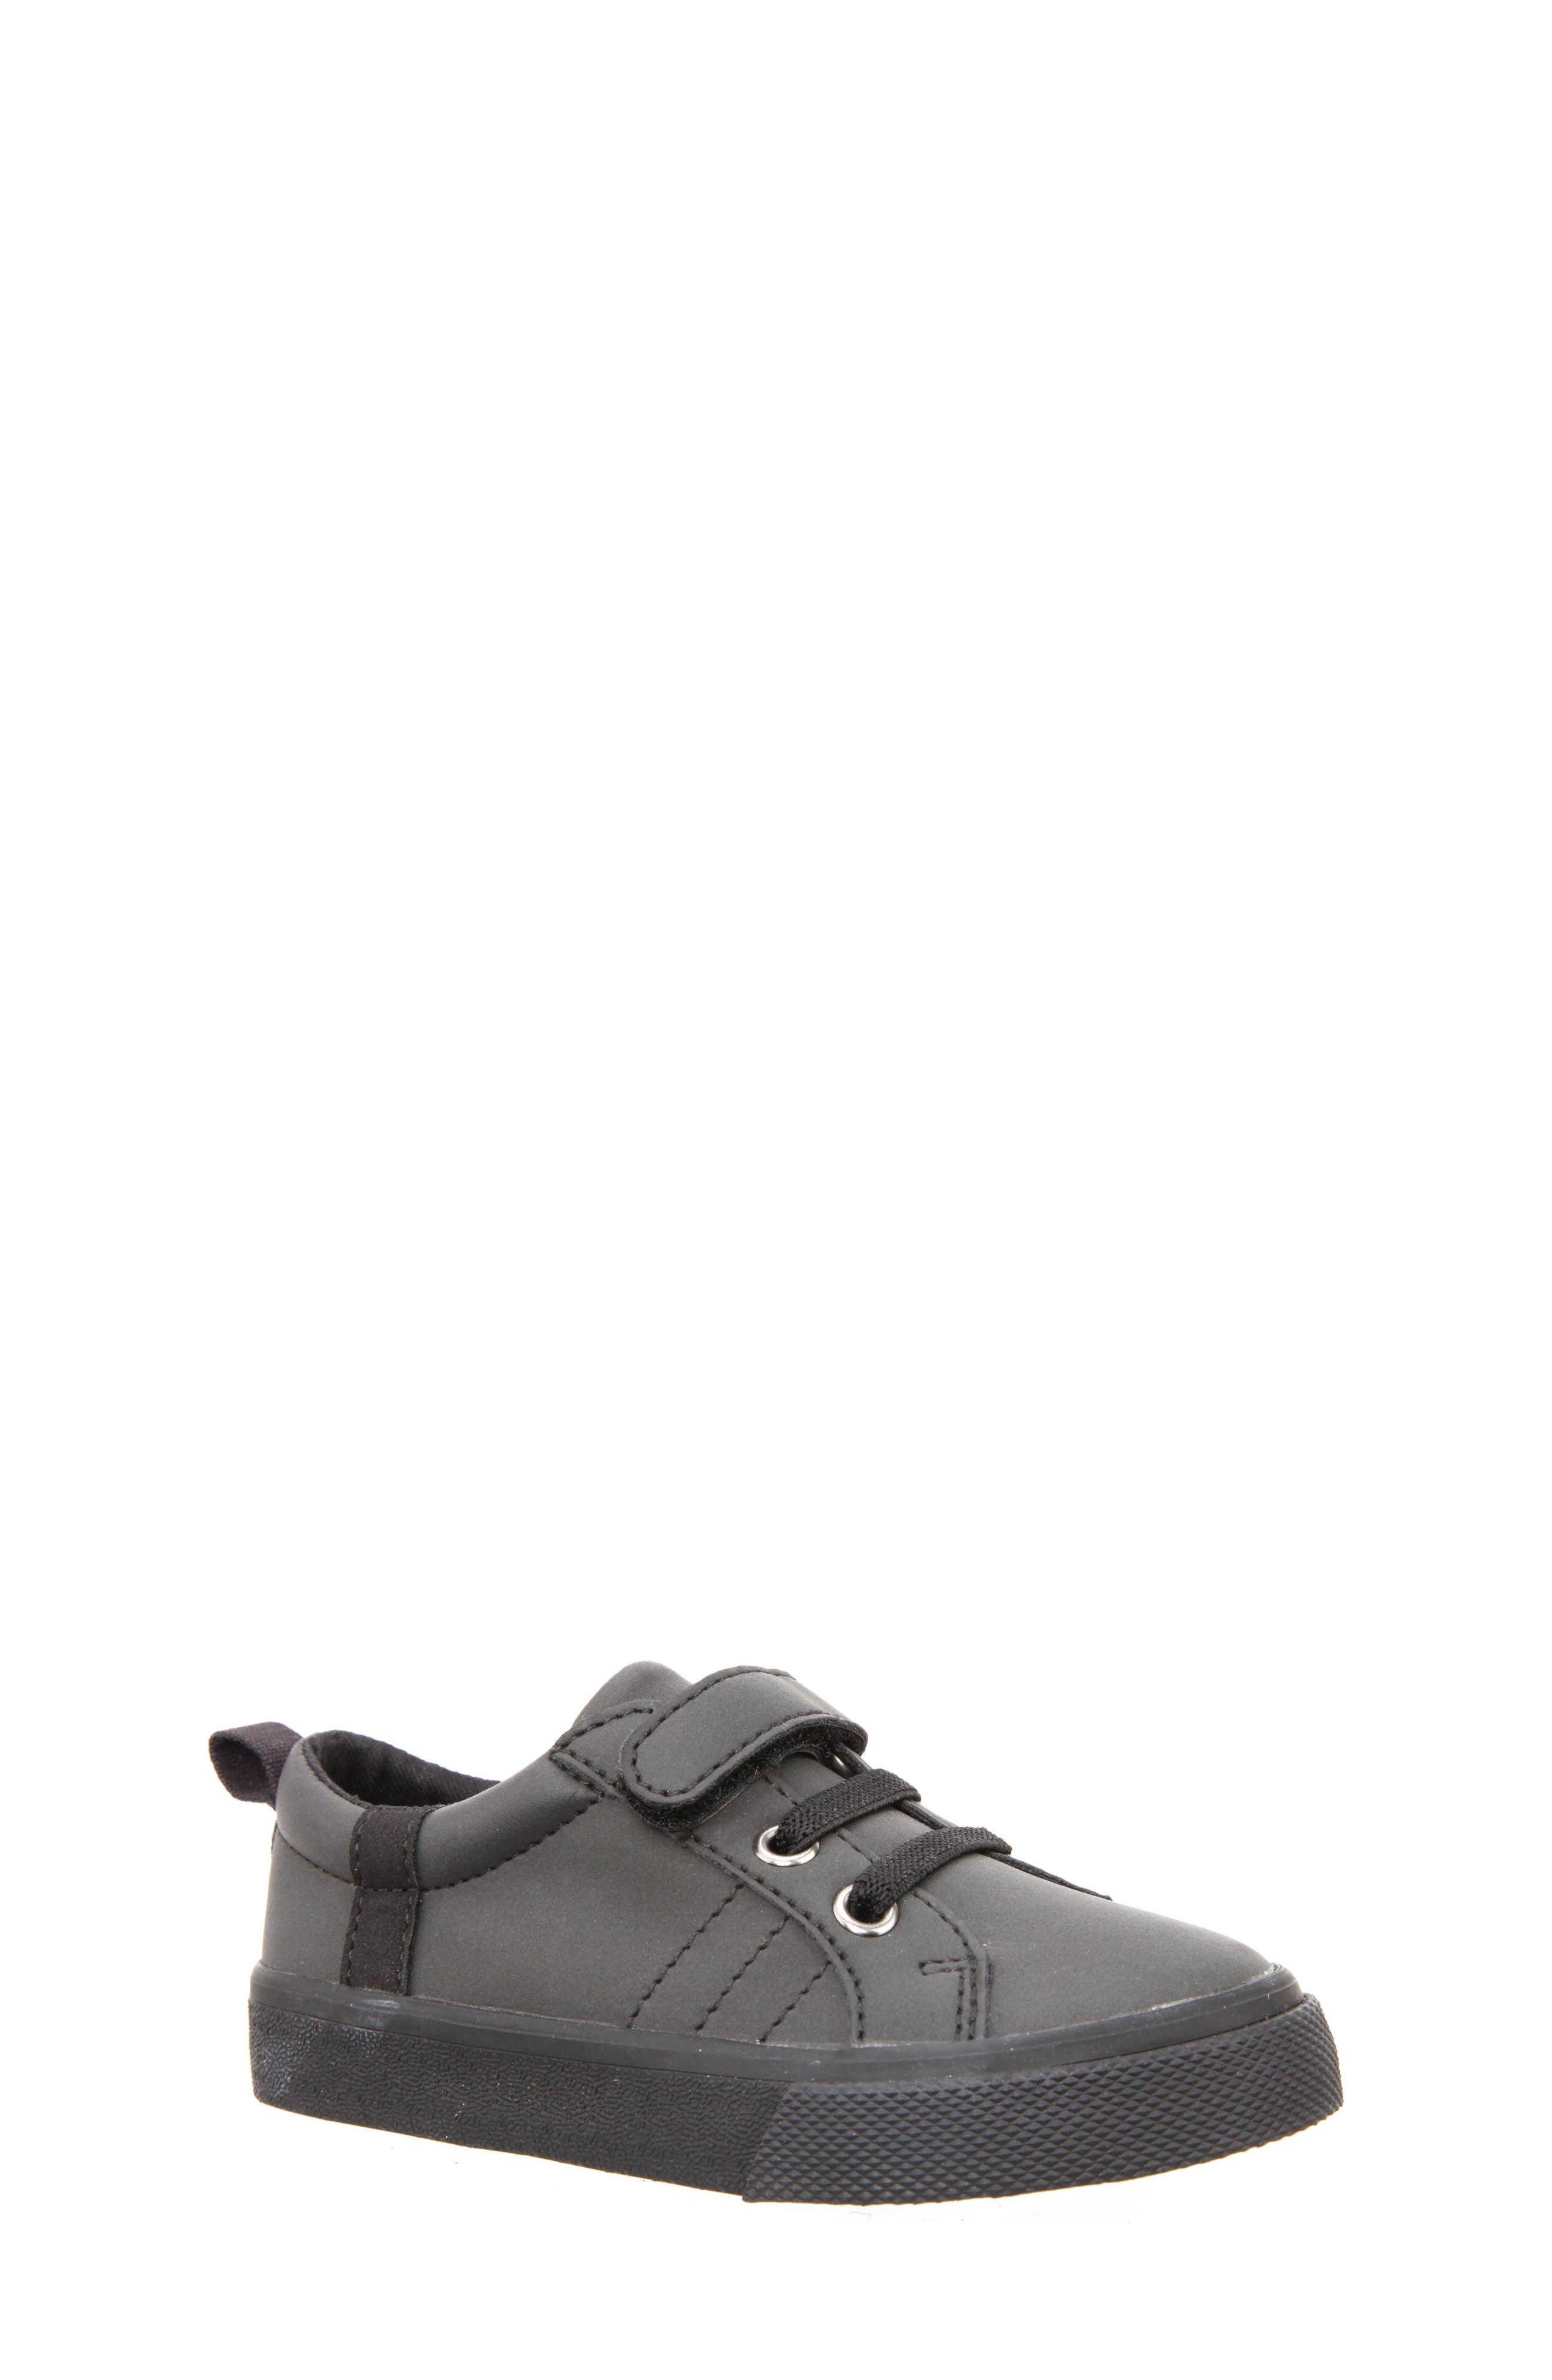 Nick Low Top Sneaker,                             Main thumbnail 1, color,                             007